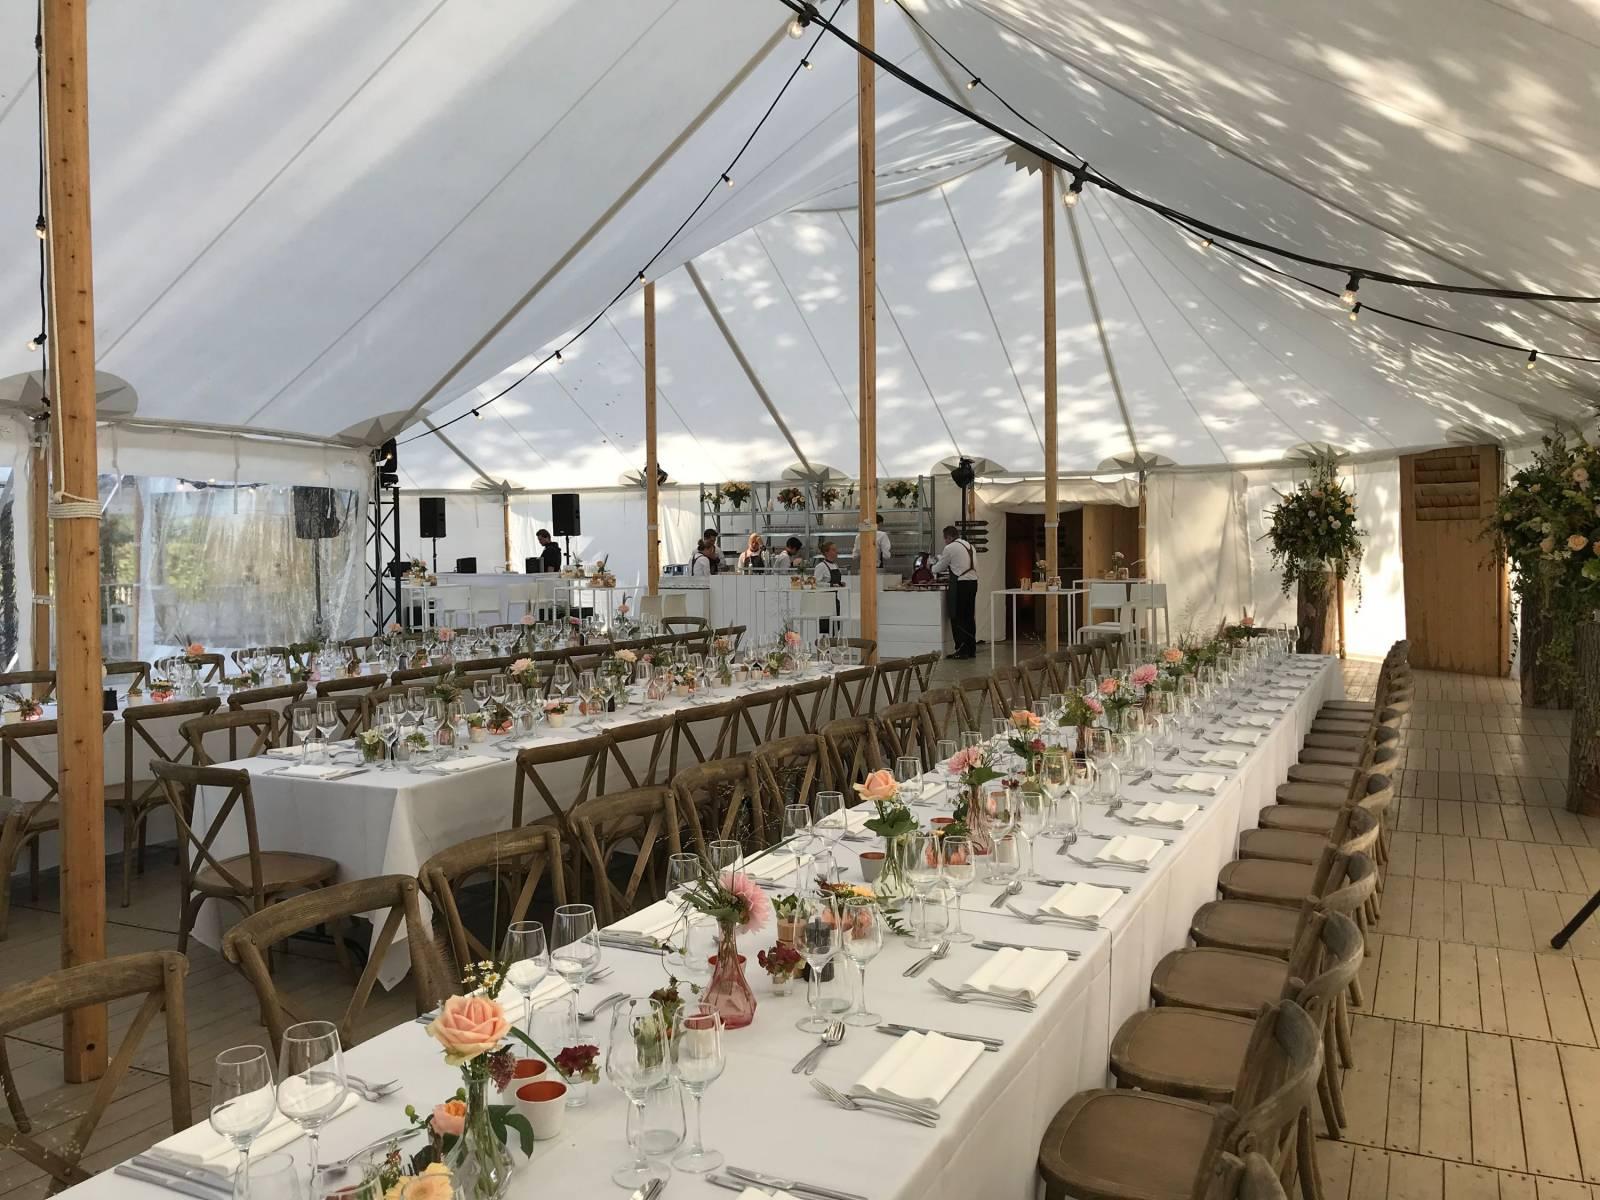 Hendrickx feesten - Catering - Traiteur - Cateraar - House of Events - 18